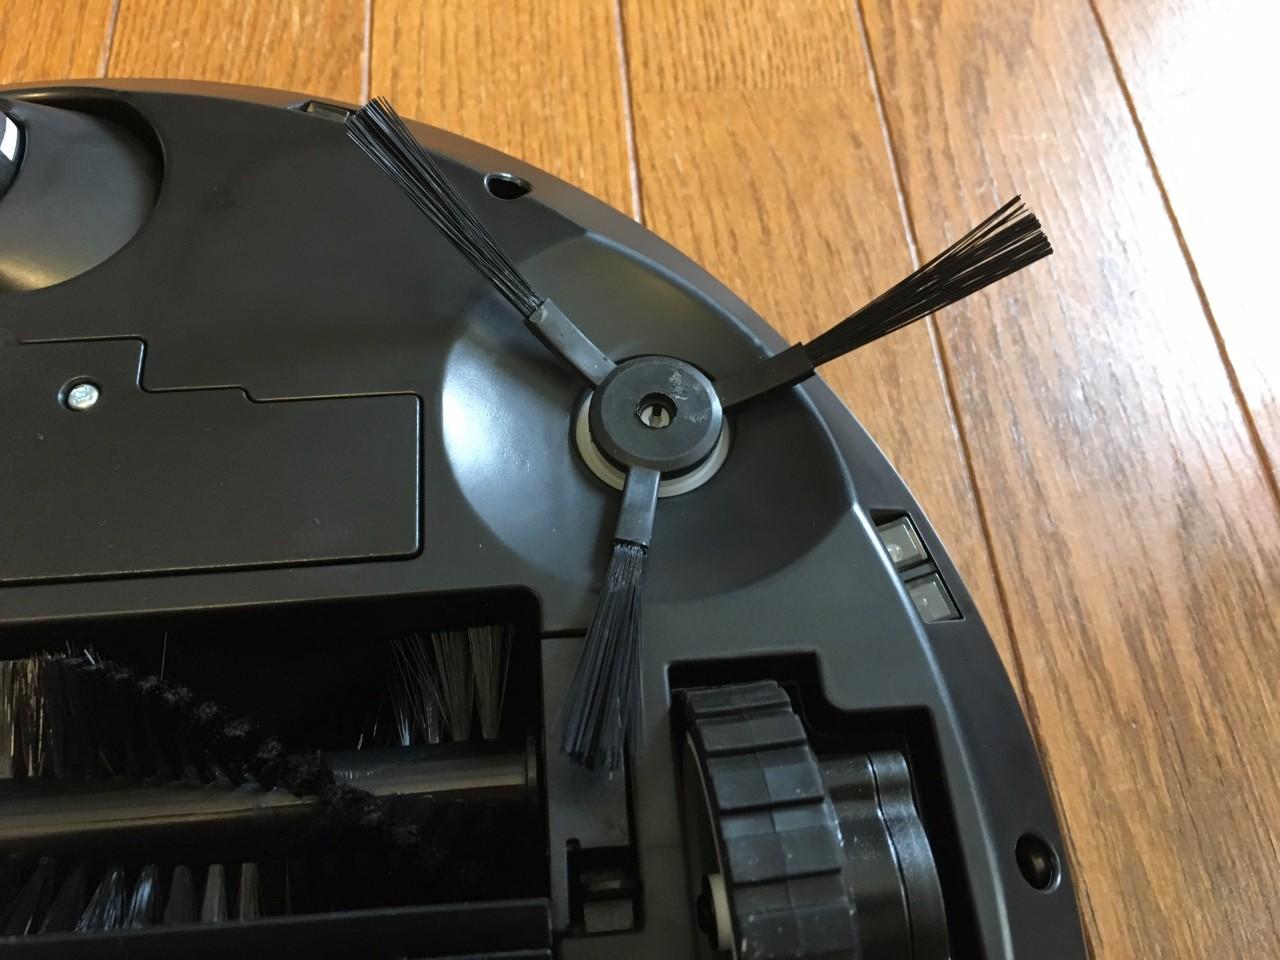 pr-evertop-robotic-vacuum-clean-15